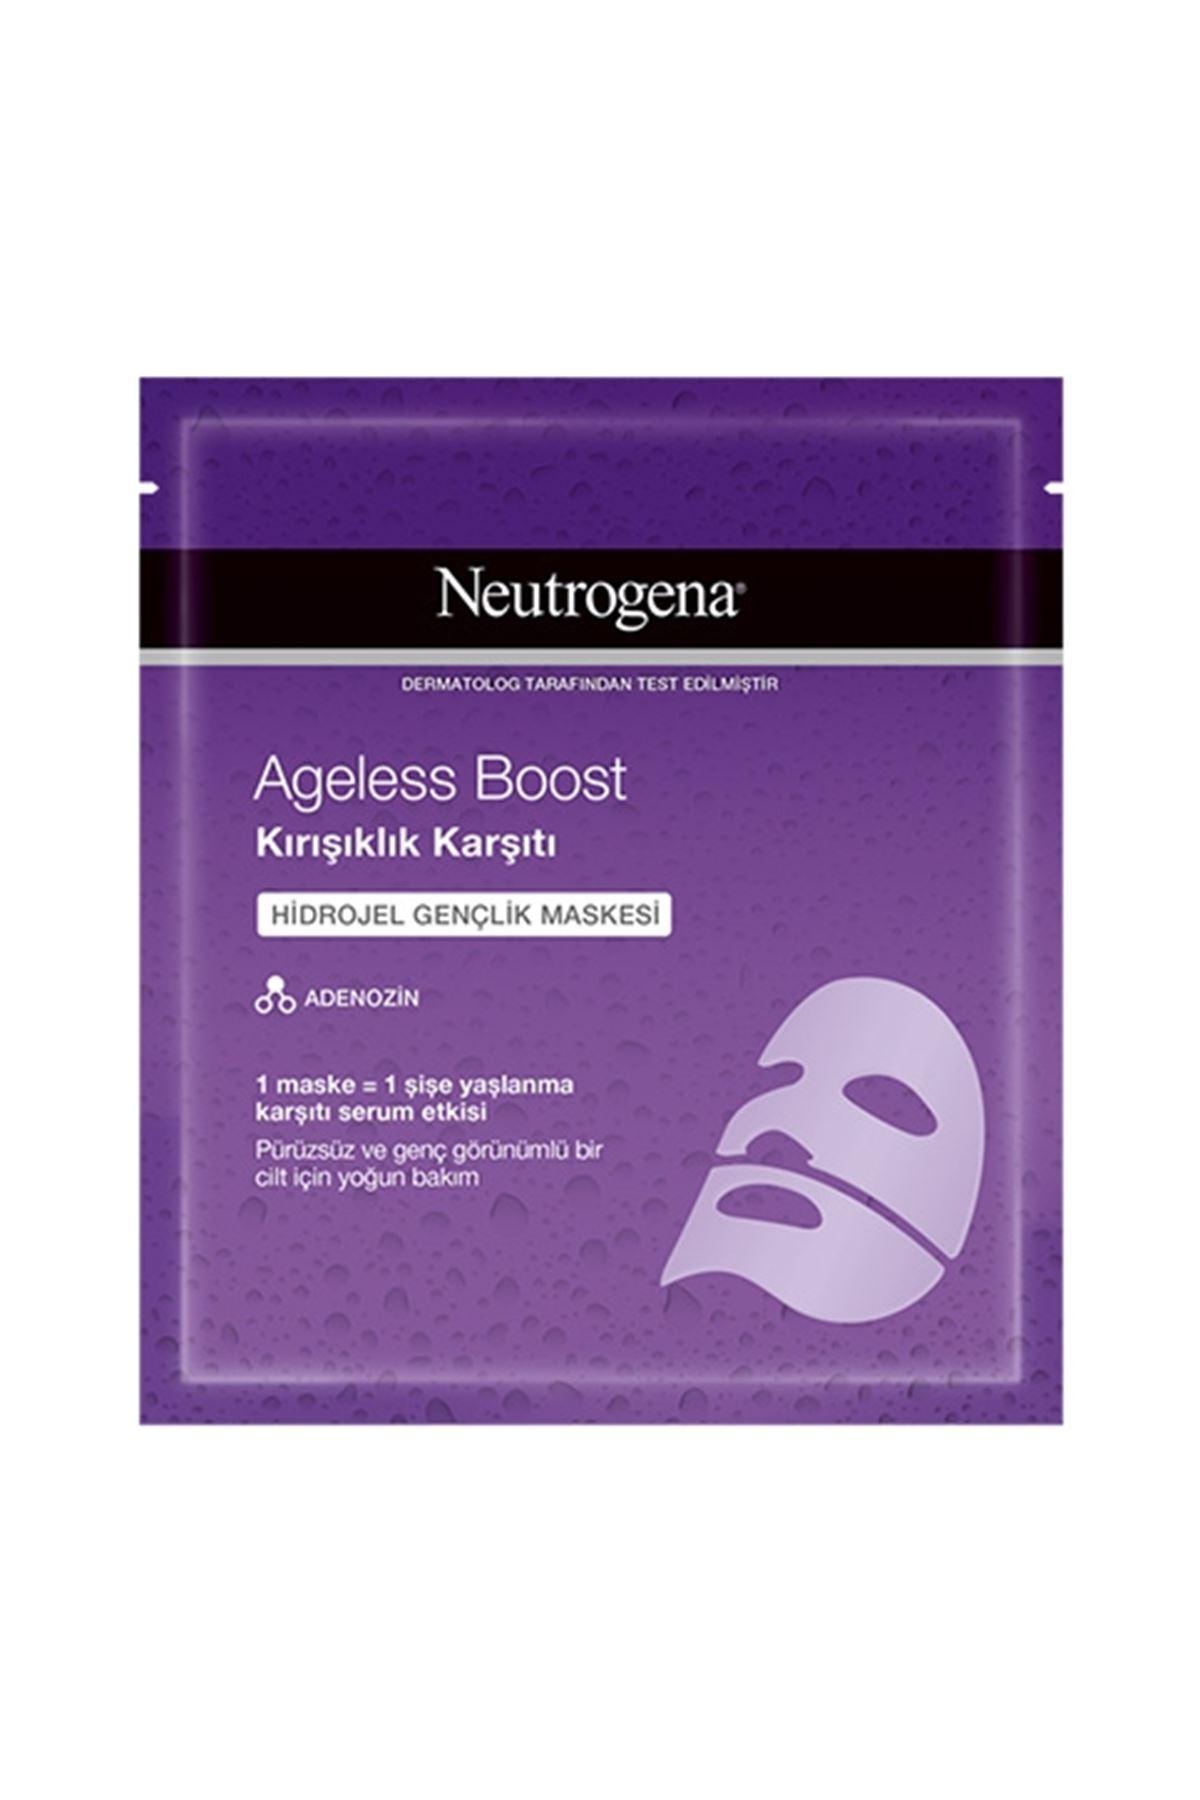 Neutrogena Ageless Boost Kırışıklık Karşıtı Hidrojel Gençlik Maskesi 30 ML